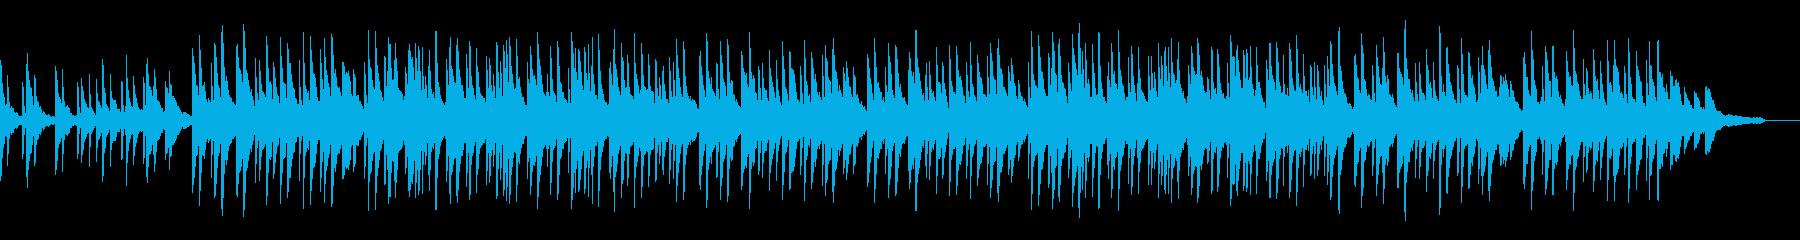 スローテンポのピアノソロ曲の再生済みの波形